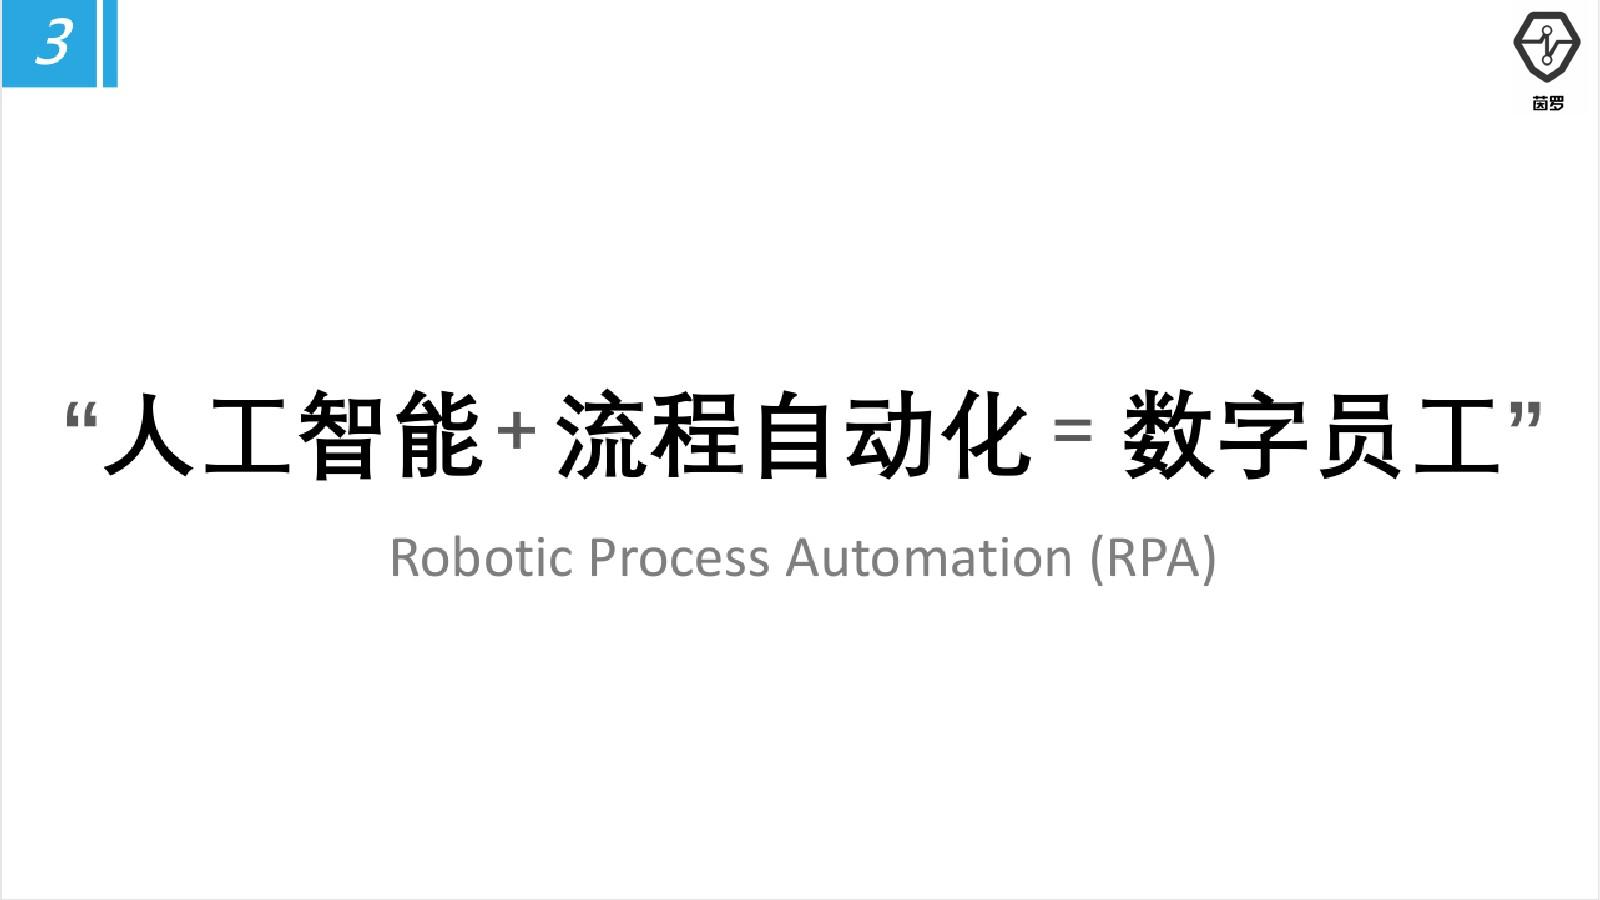 流程自动化机器人